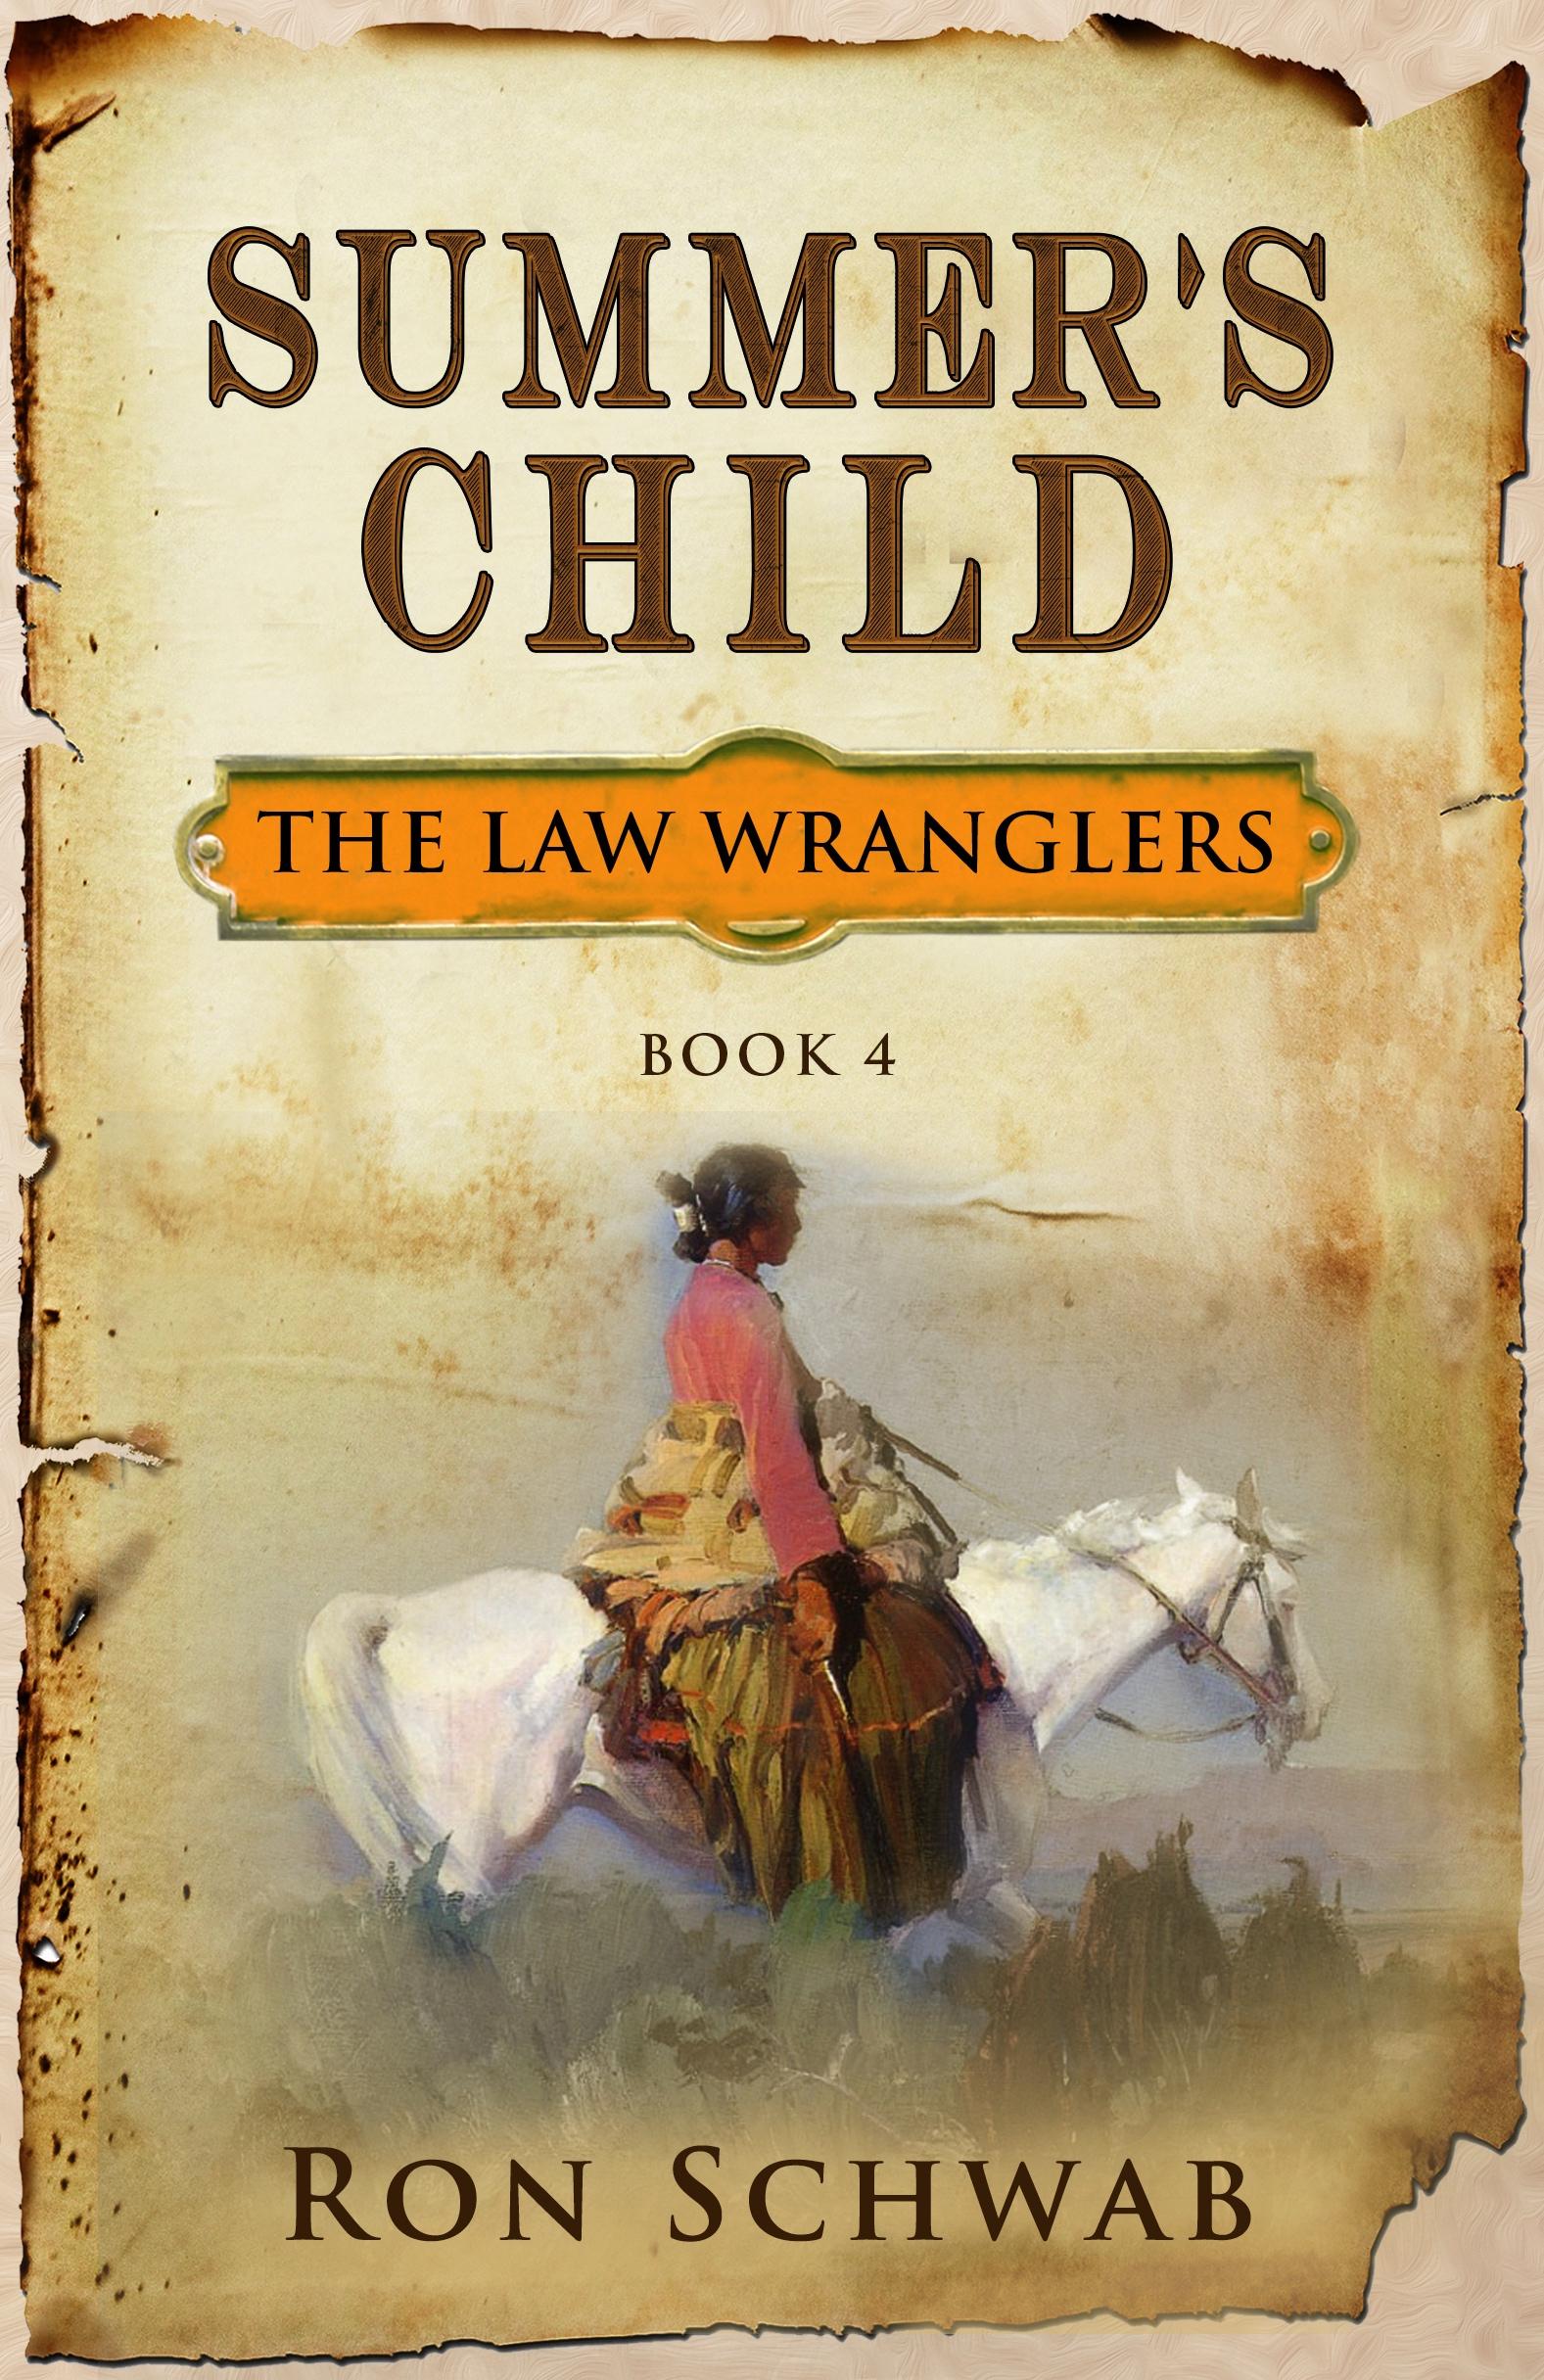 Summers-Child-Kindle.jpg